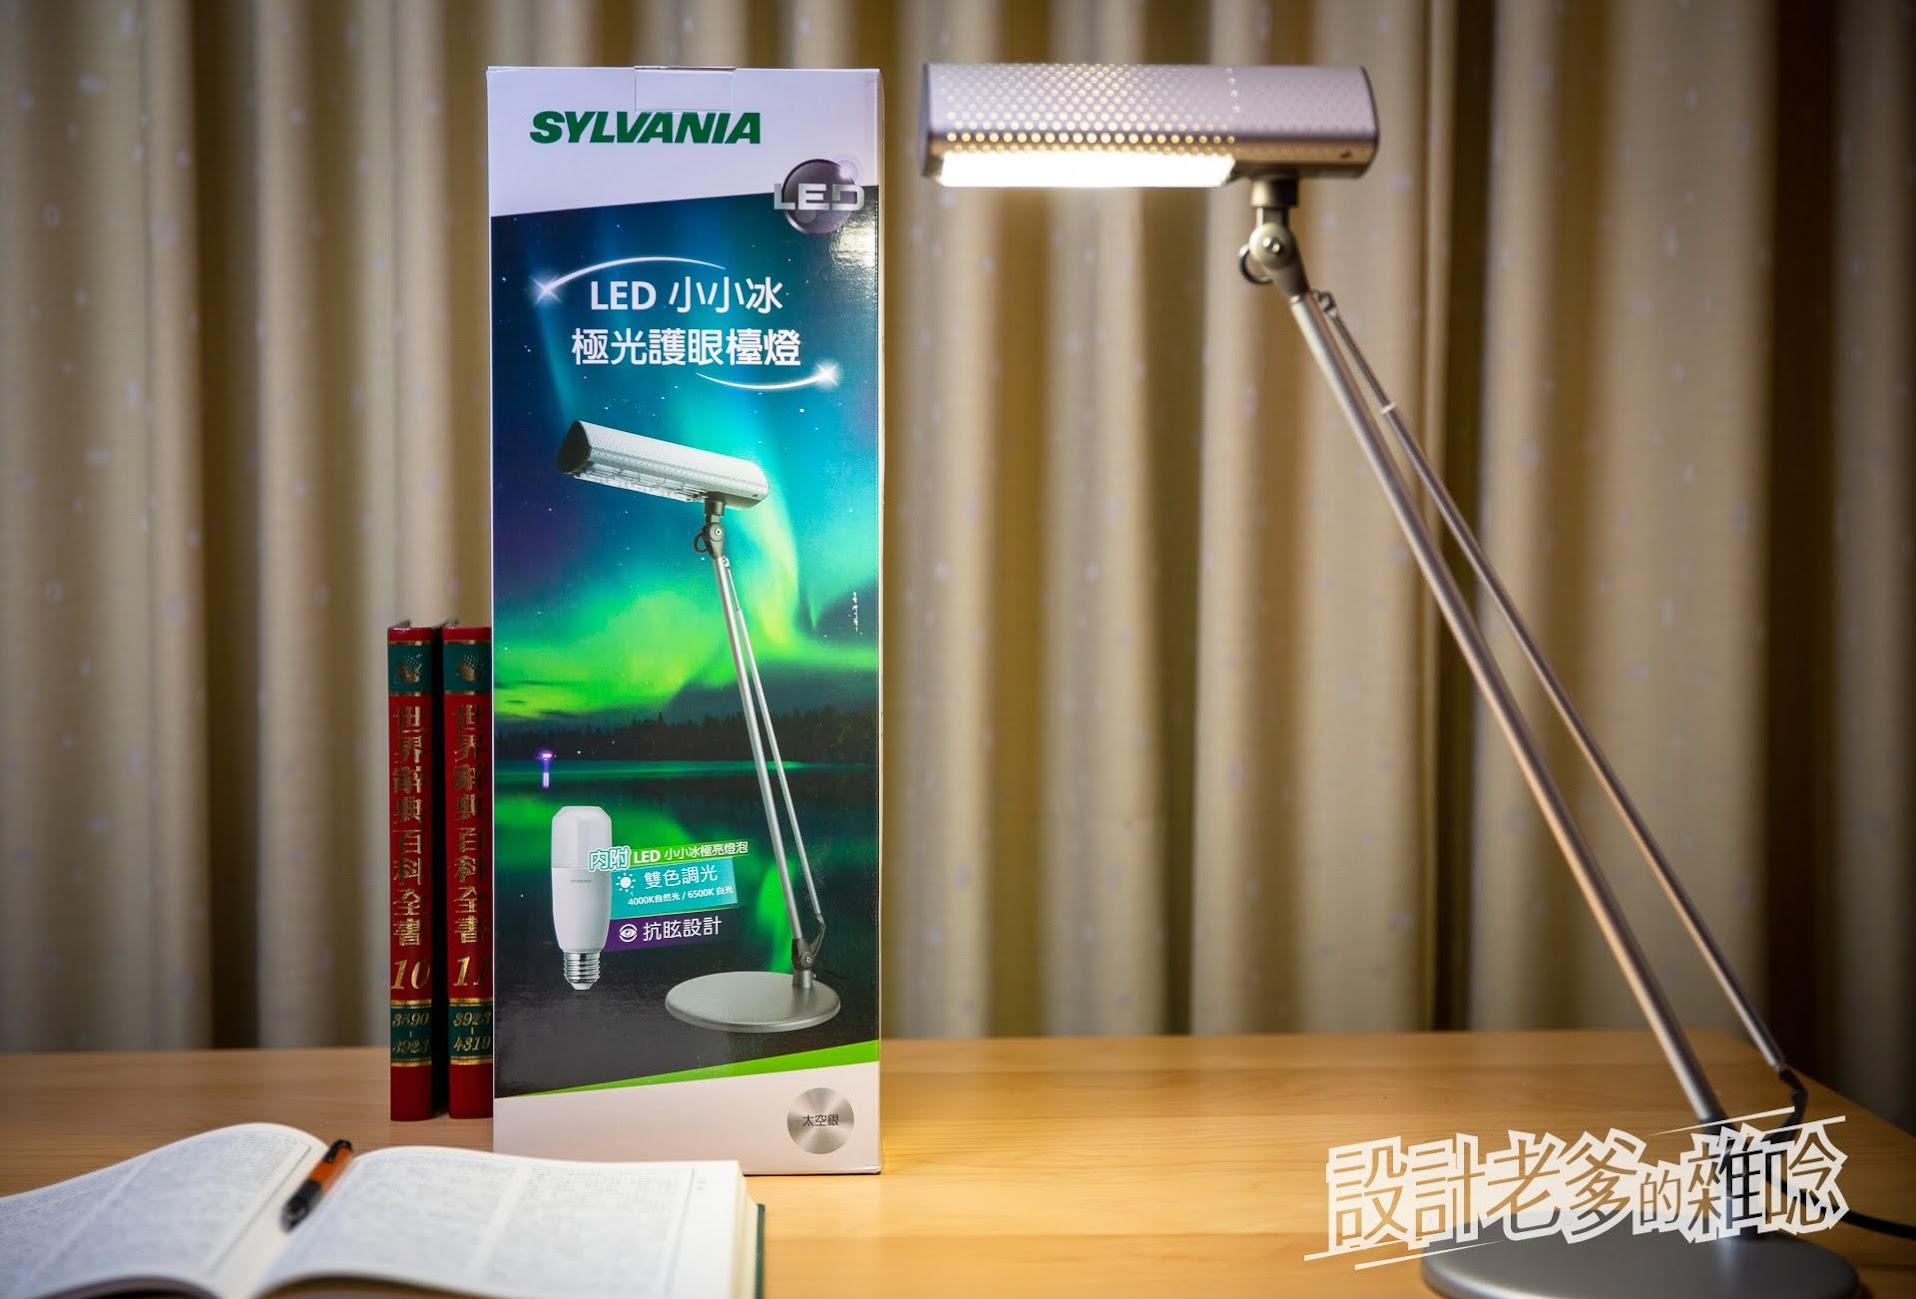 喜萬年SYLVANIA第二代 LED小小冰極光護眼檯燈-雙色切換版(太空銀)...來展閃耀星光的好檯燈吧!